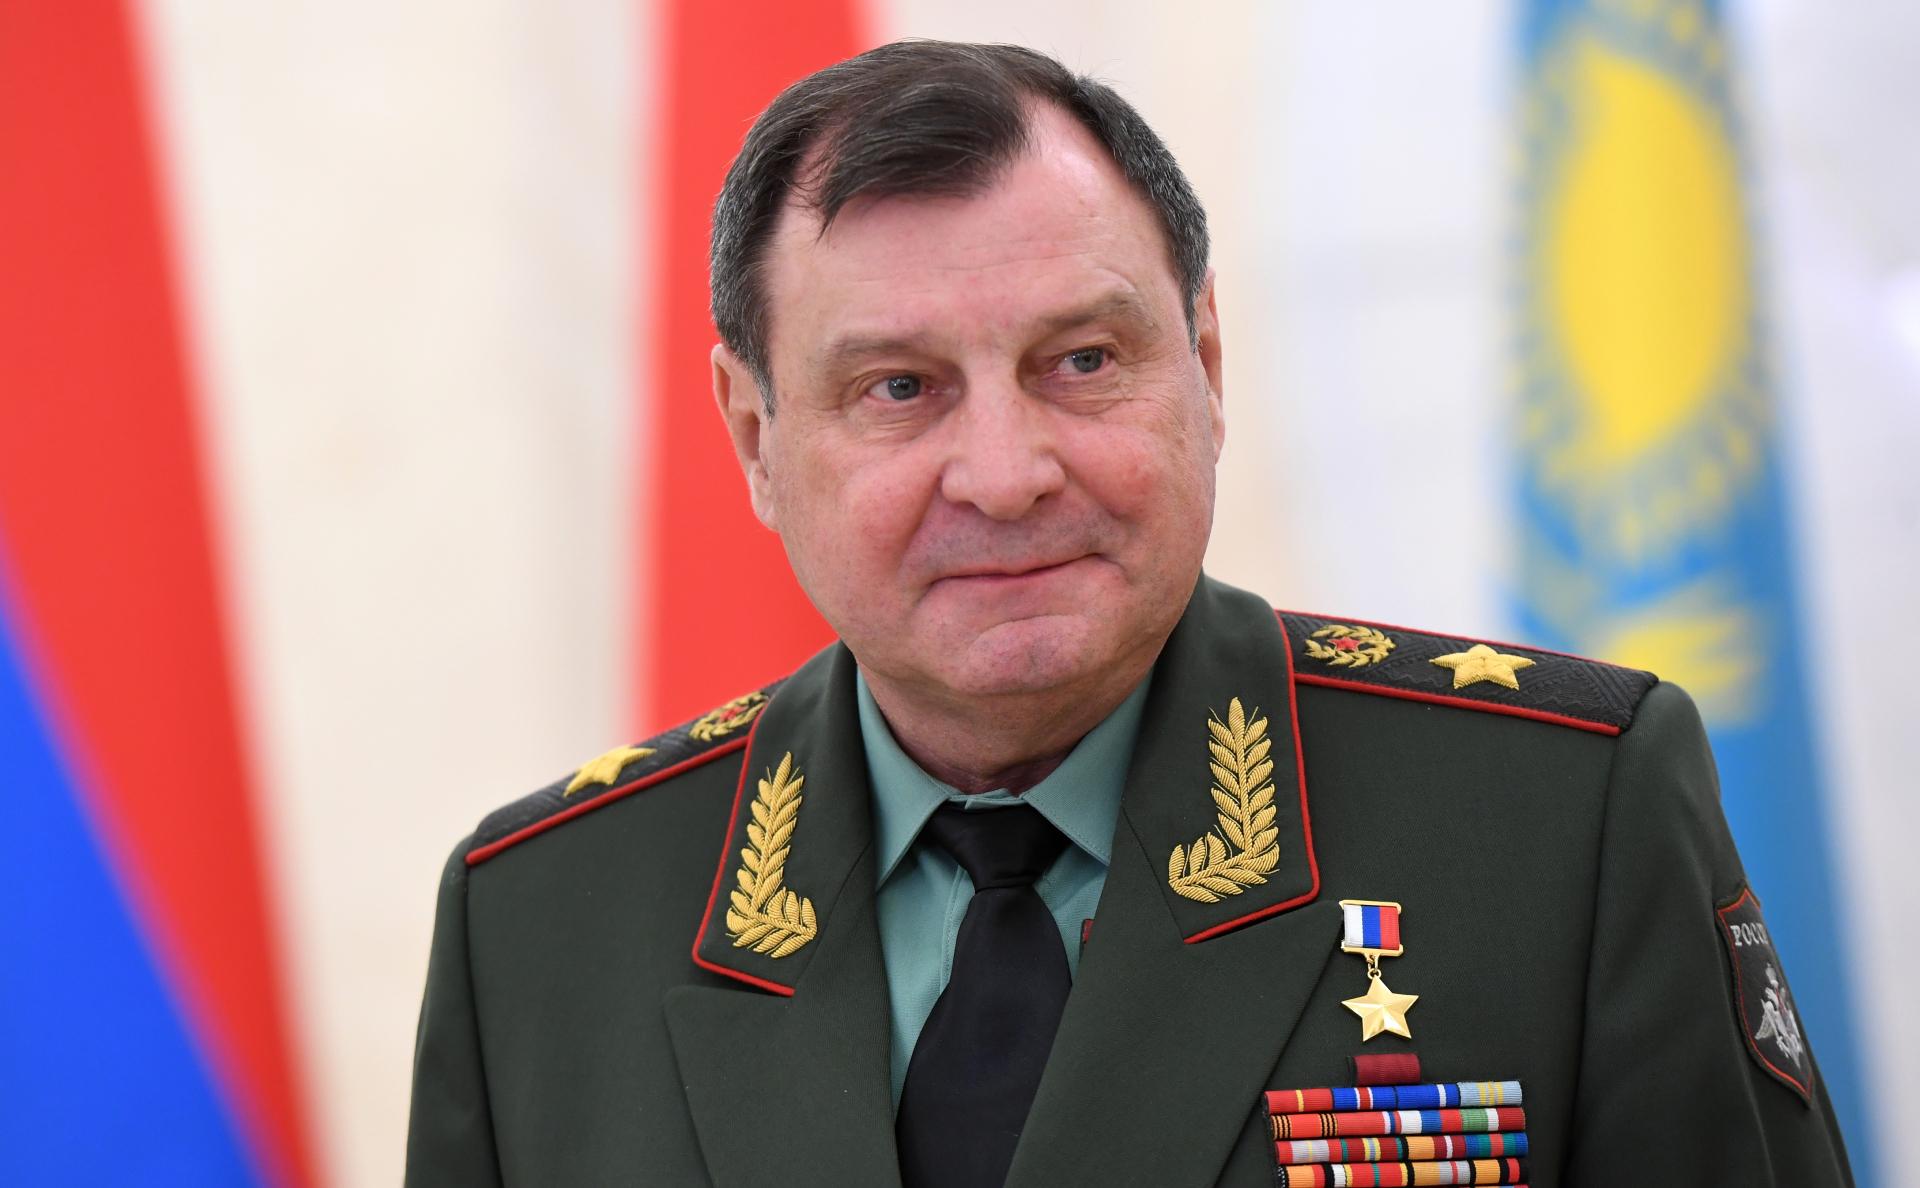 Замглавы Минобороны заявил о передаче армии 35 новых образцов вооружен